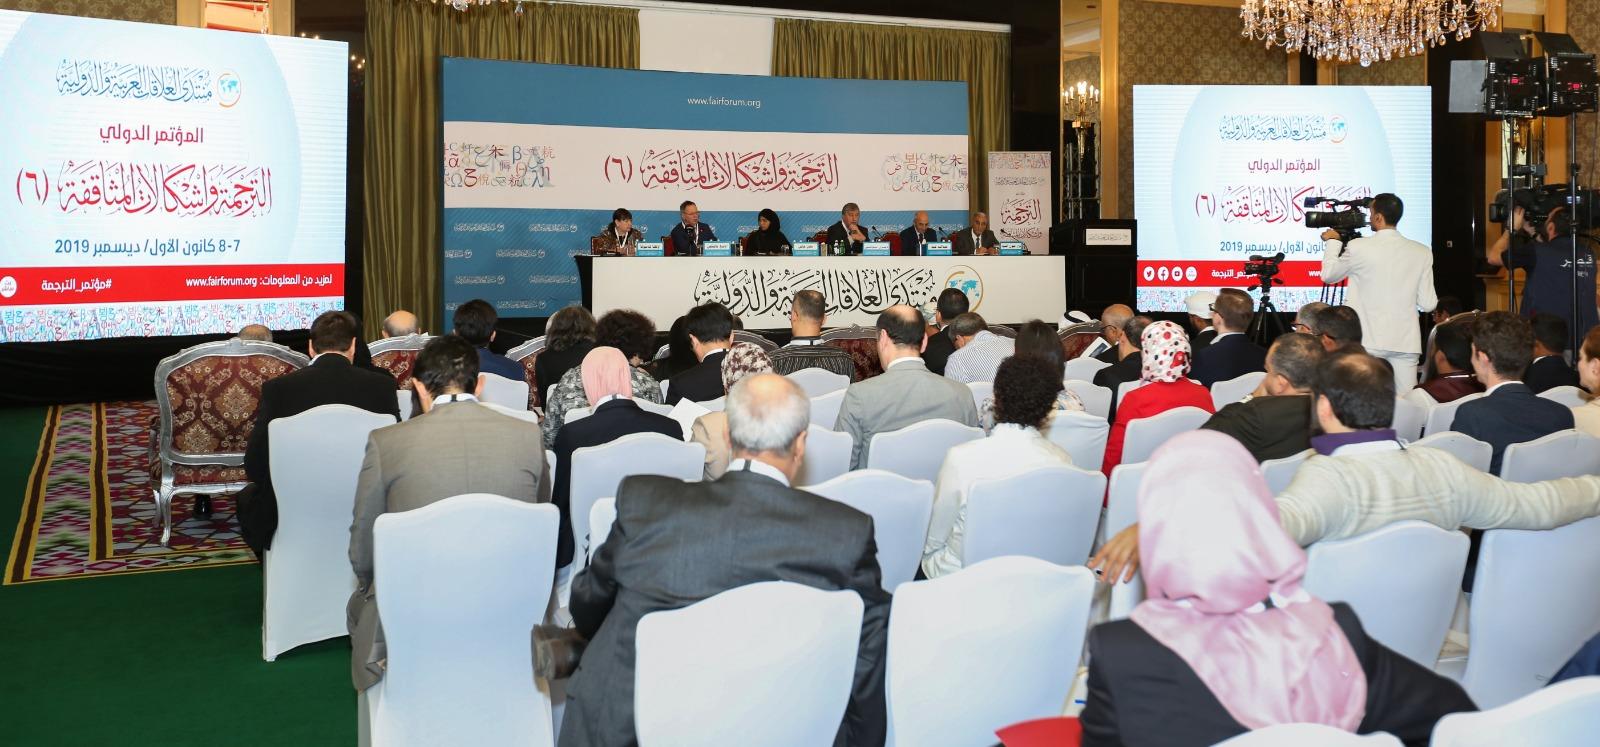 مؤتمر الترجمة وإشكالات المثاقفة 6